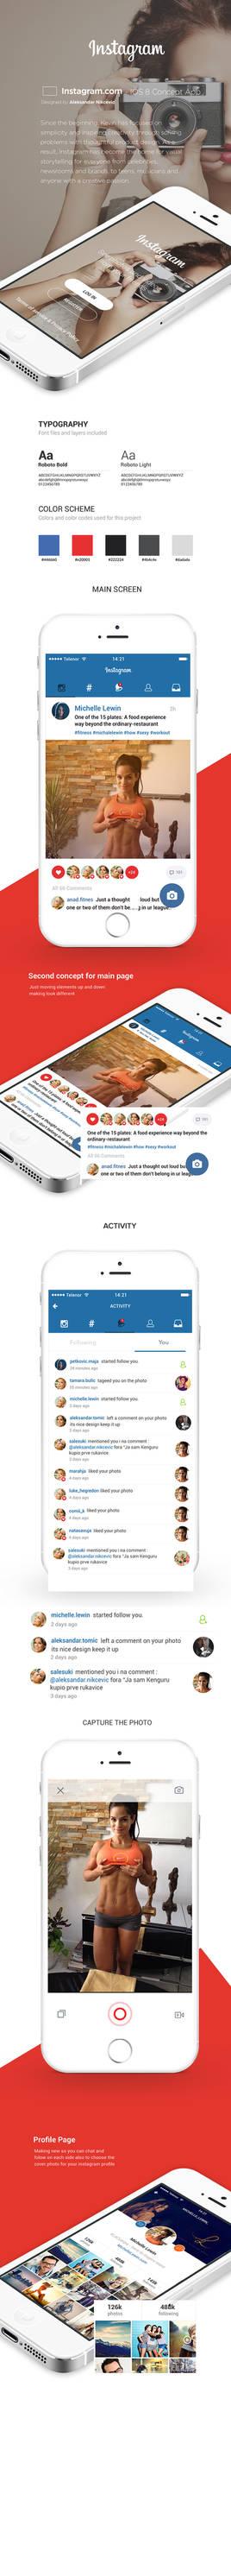 Instagram IOS 8 Concept App Design